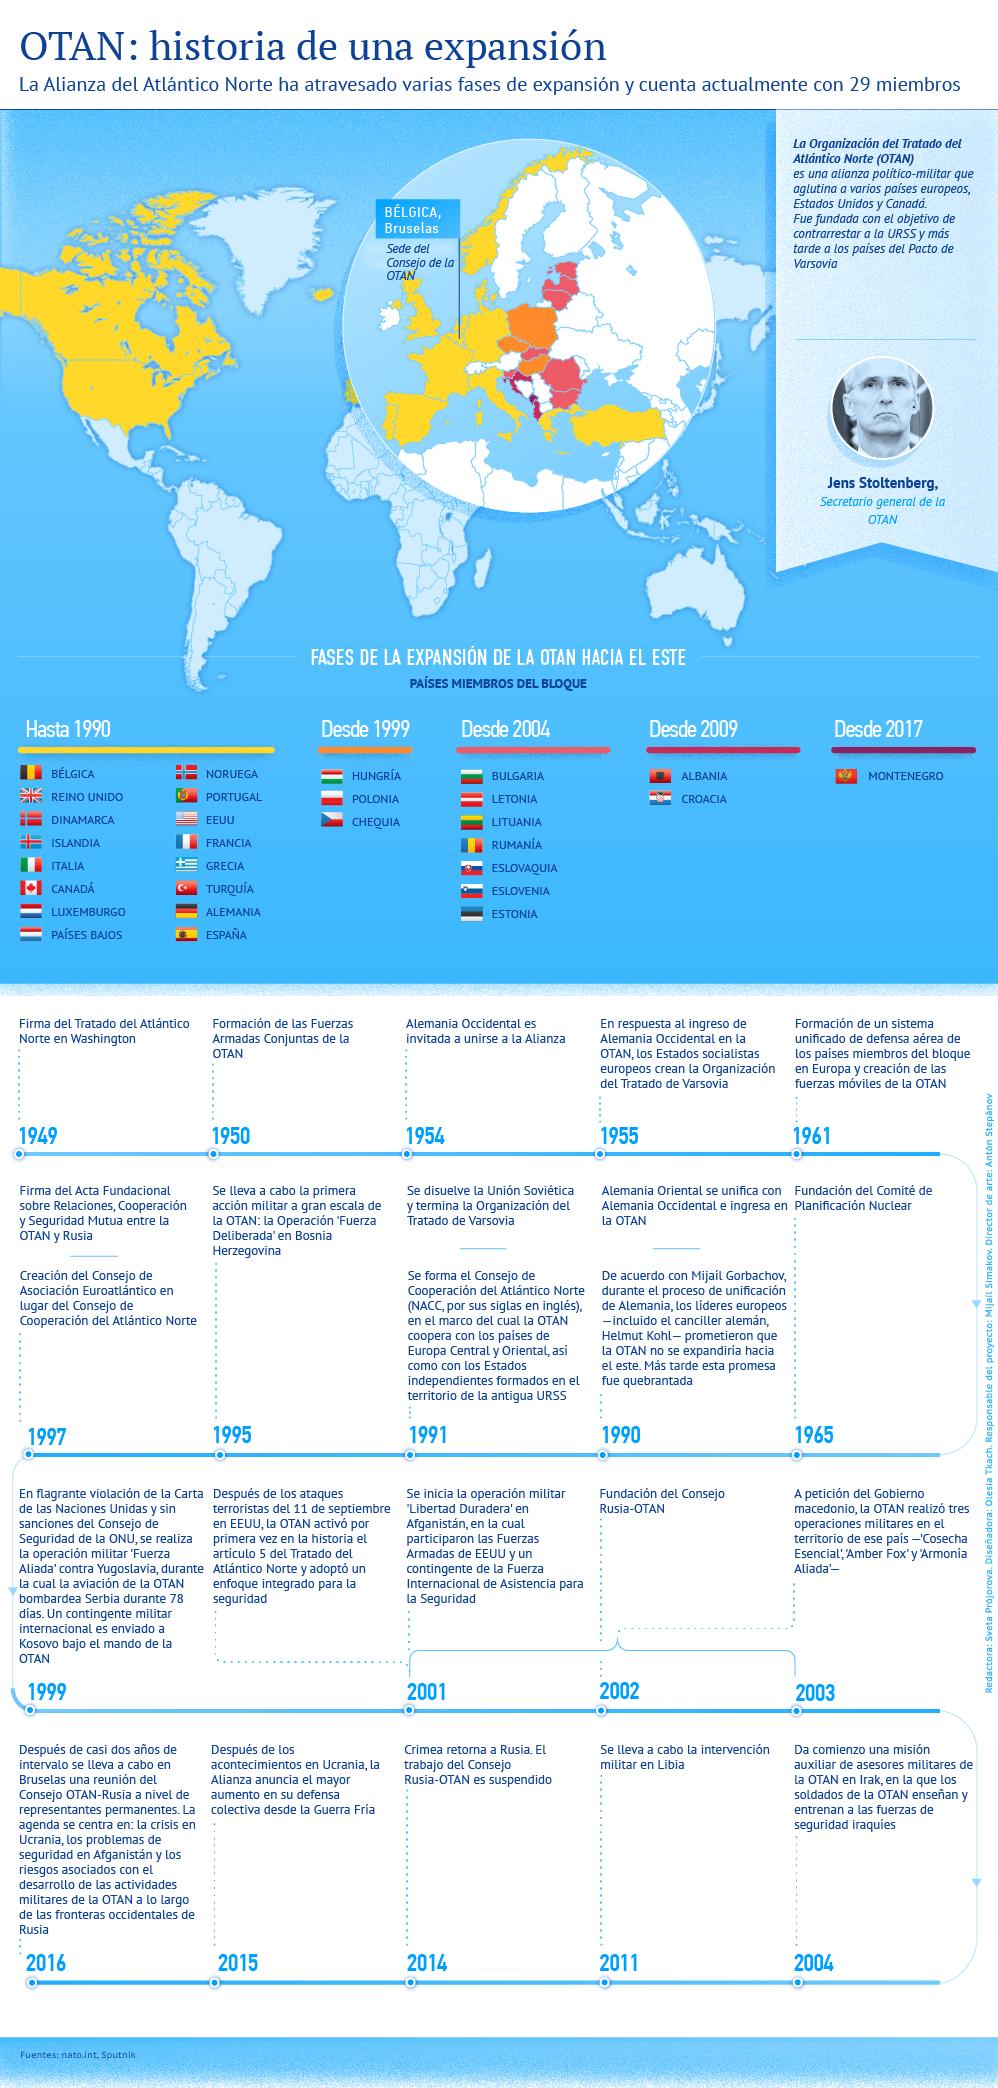 La OTAN: historia de una expansión - Sputnik Mundo